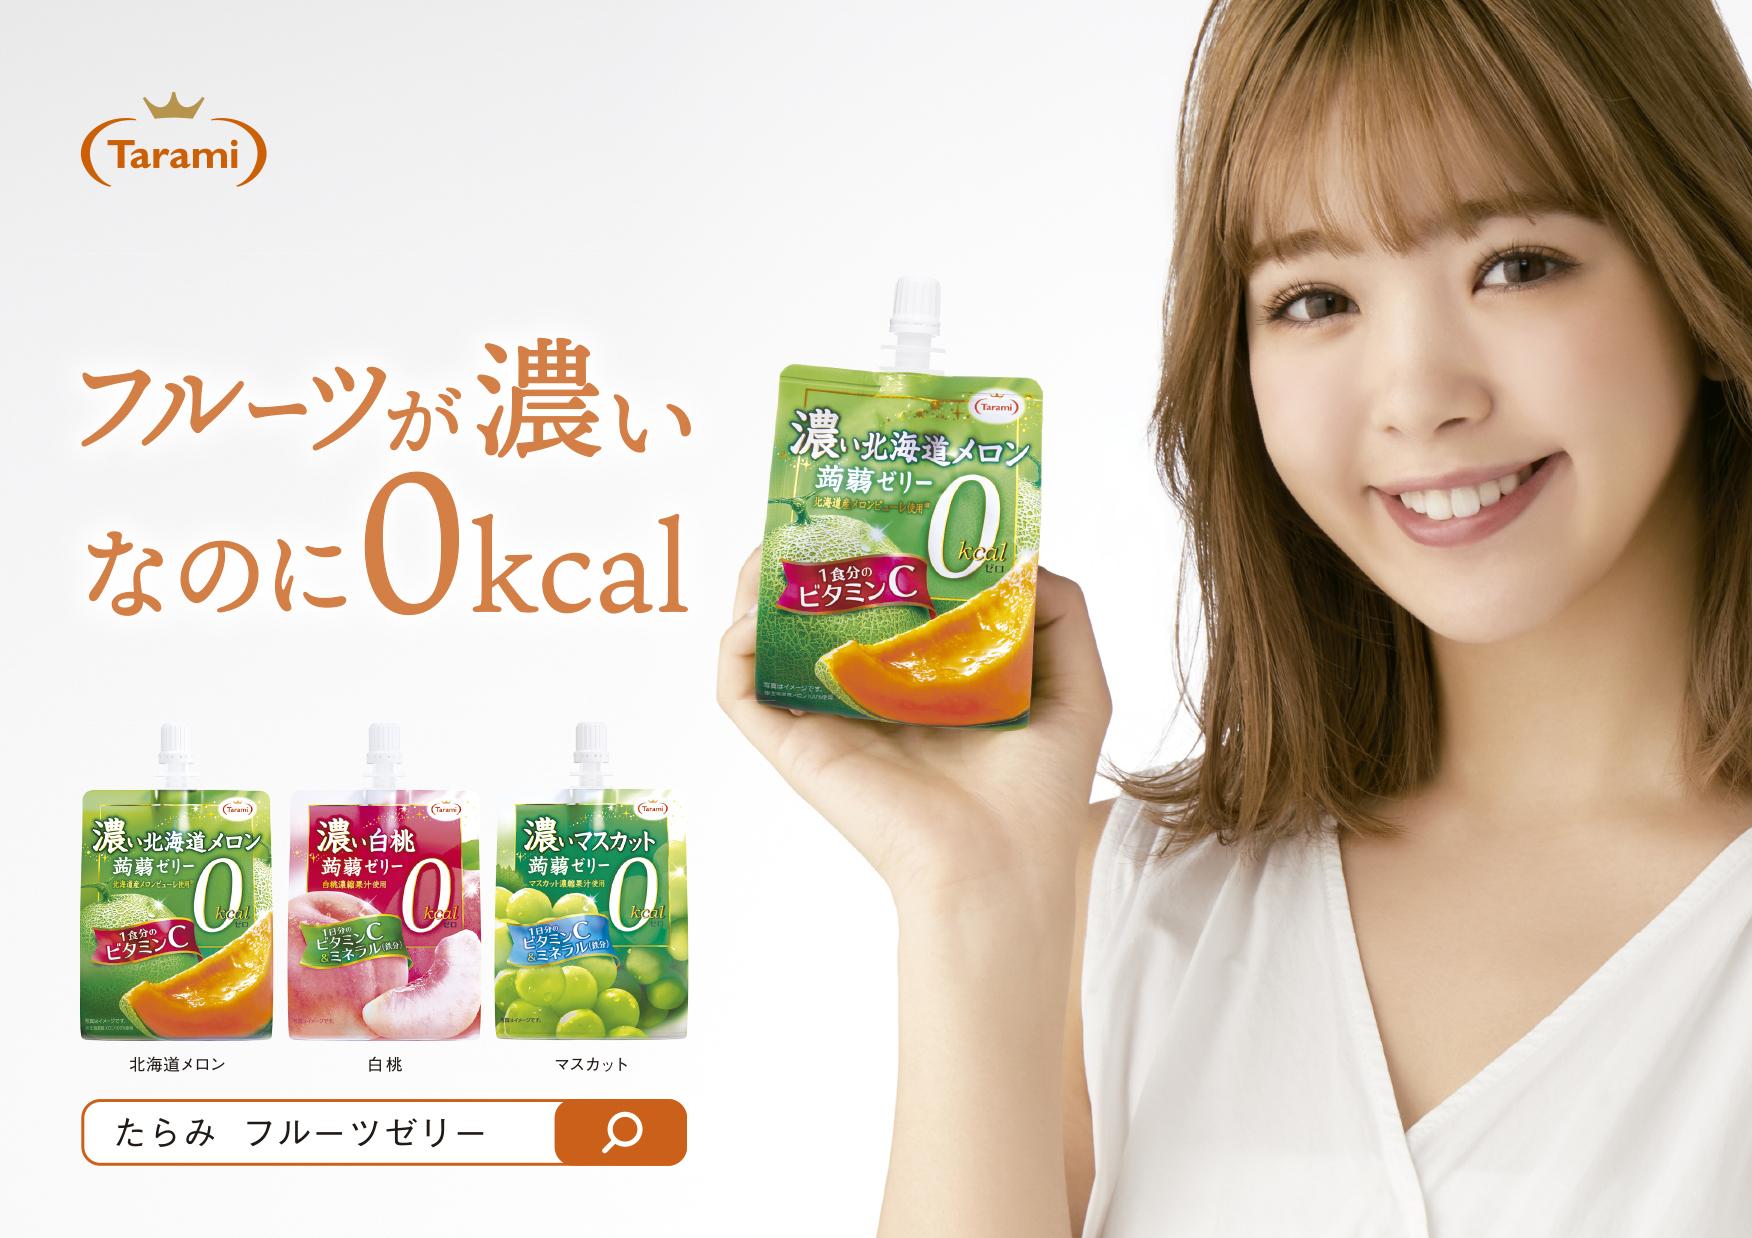 「濃い 0kcal 蒟蒻ゼリー・ 2020 」TV CM